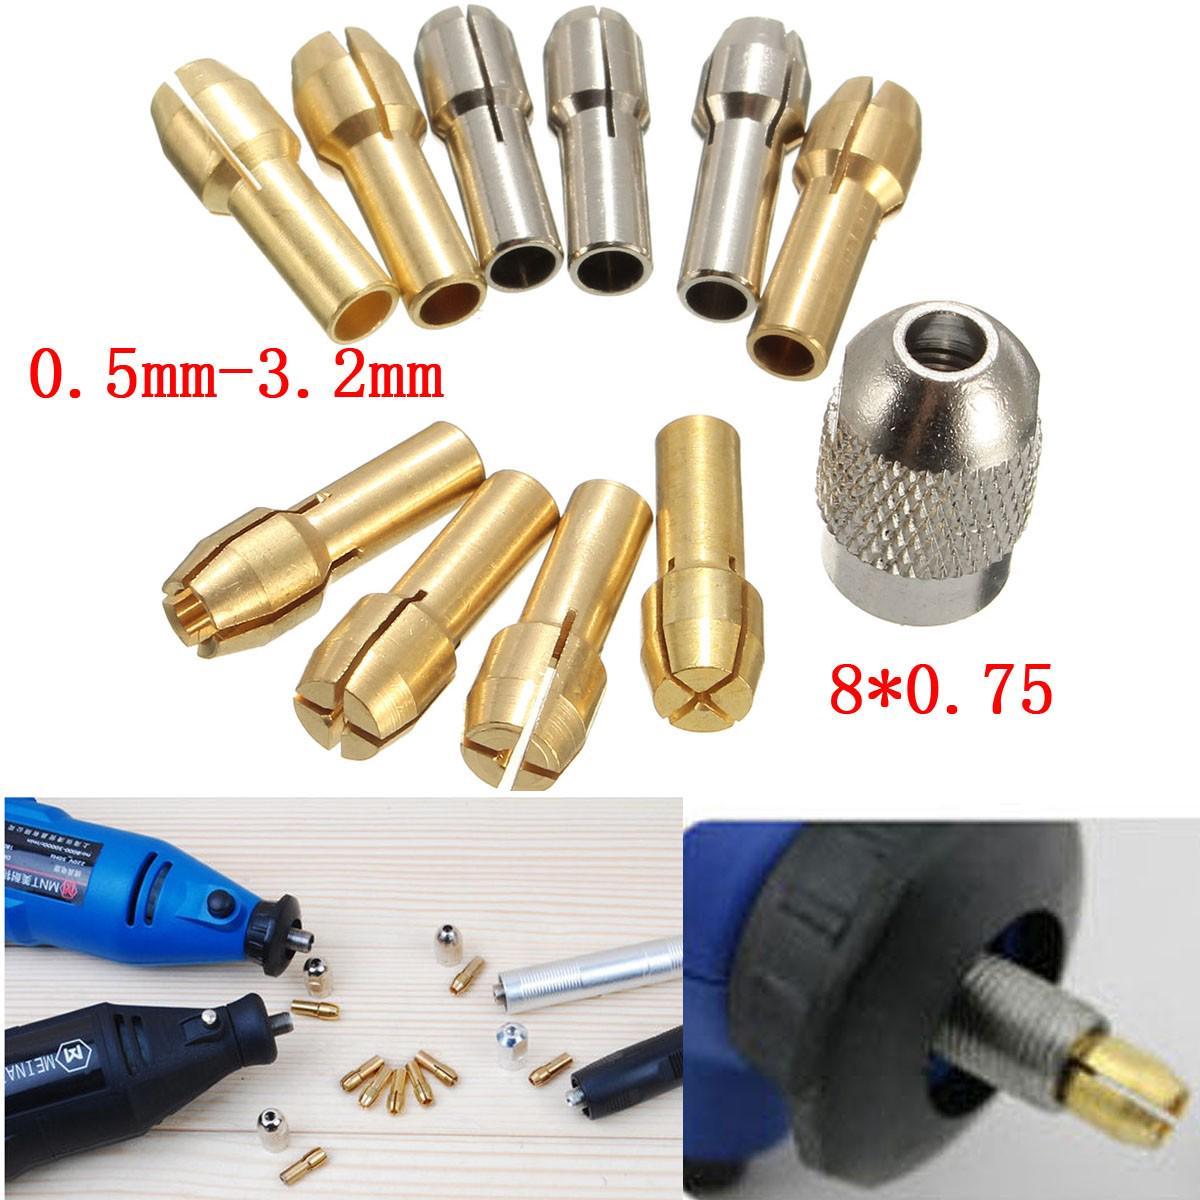 10шт металла сверлильные патроны изменения цанги бит адаптер 0,5-3,2 мм 4,3 мм электрические хвостовик роторный инструмент фото